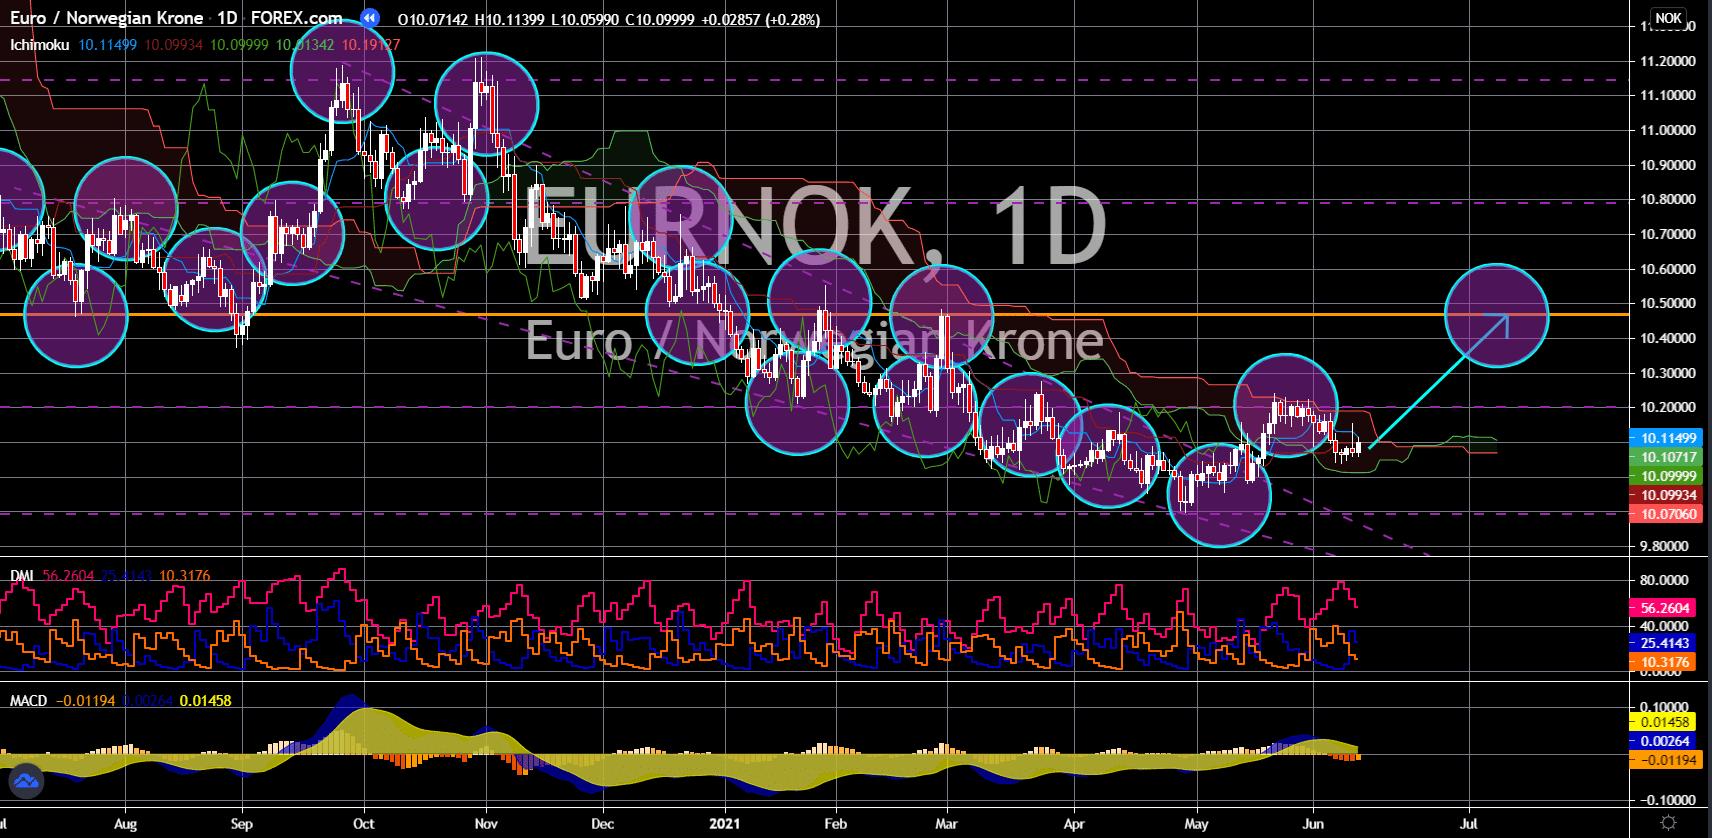 FinanceBrokerage - Notícias do Mercado: Gráfico de EUR/NOK